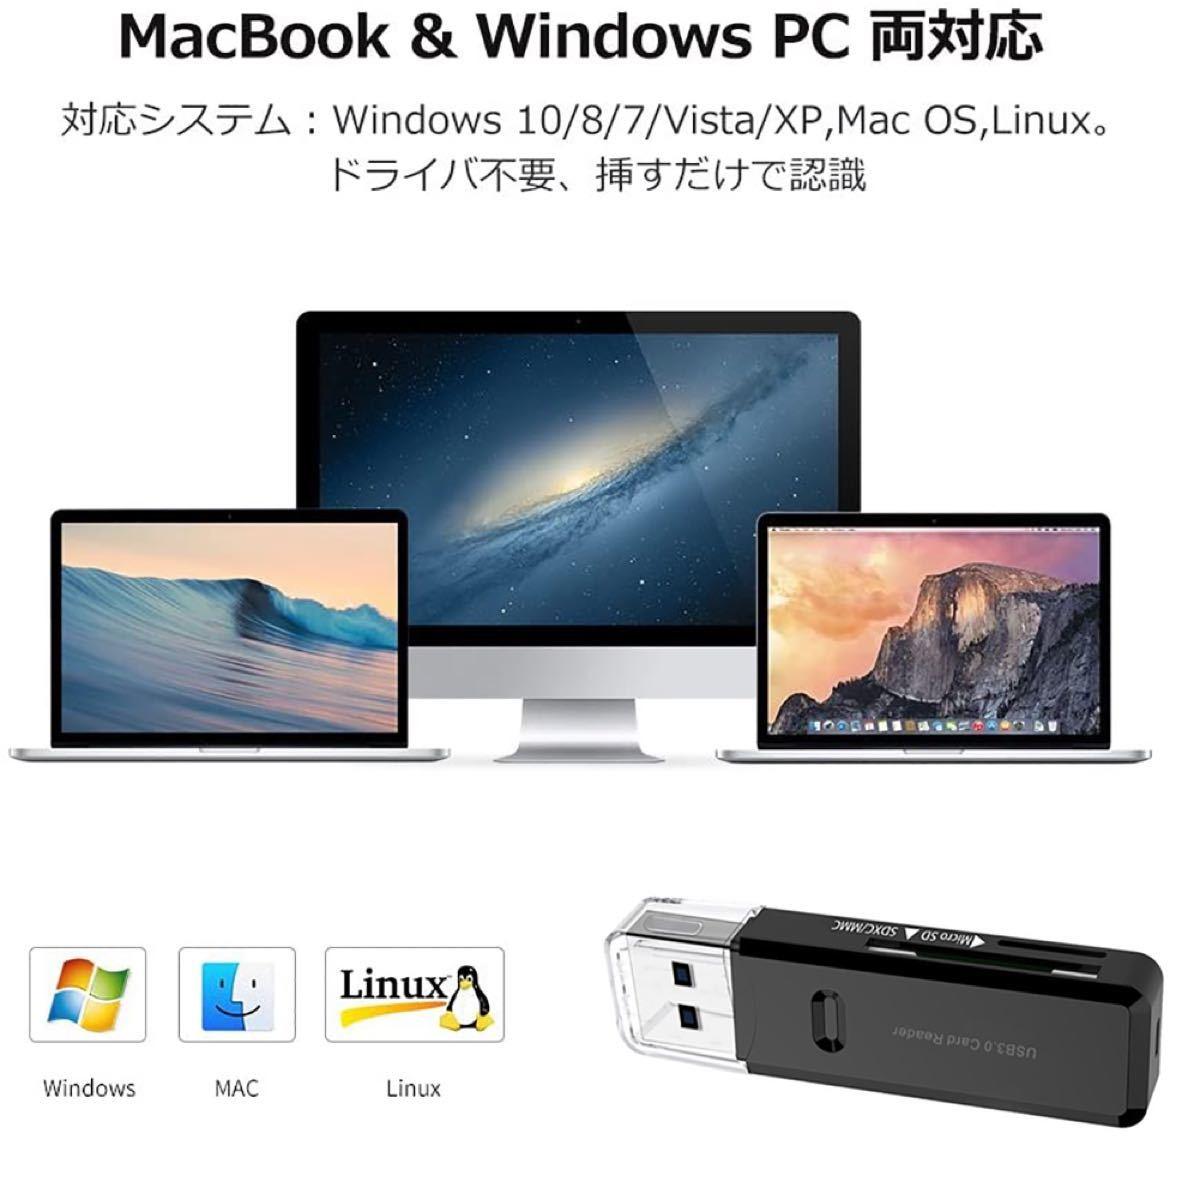 カードリーダー SD MicroSD USB 3.0 高速データ転送 超小型 2スロット拡張 MacBook Windows両対応